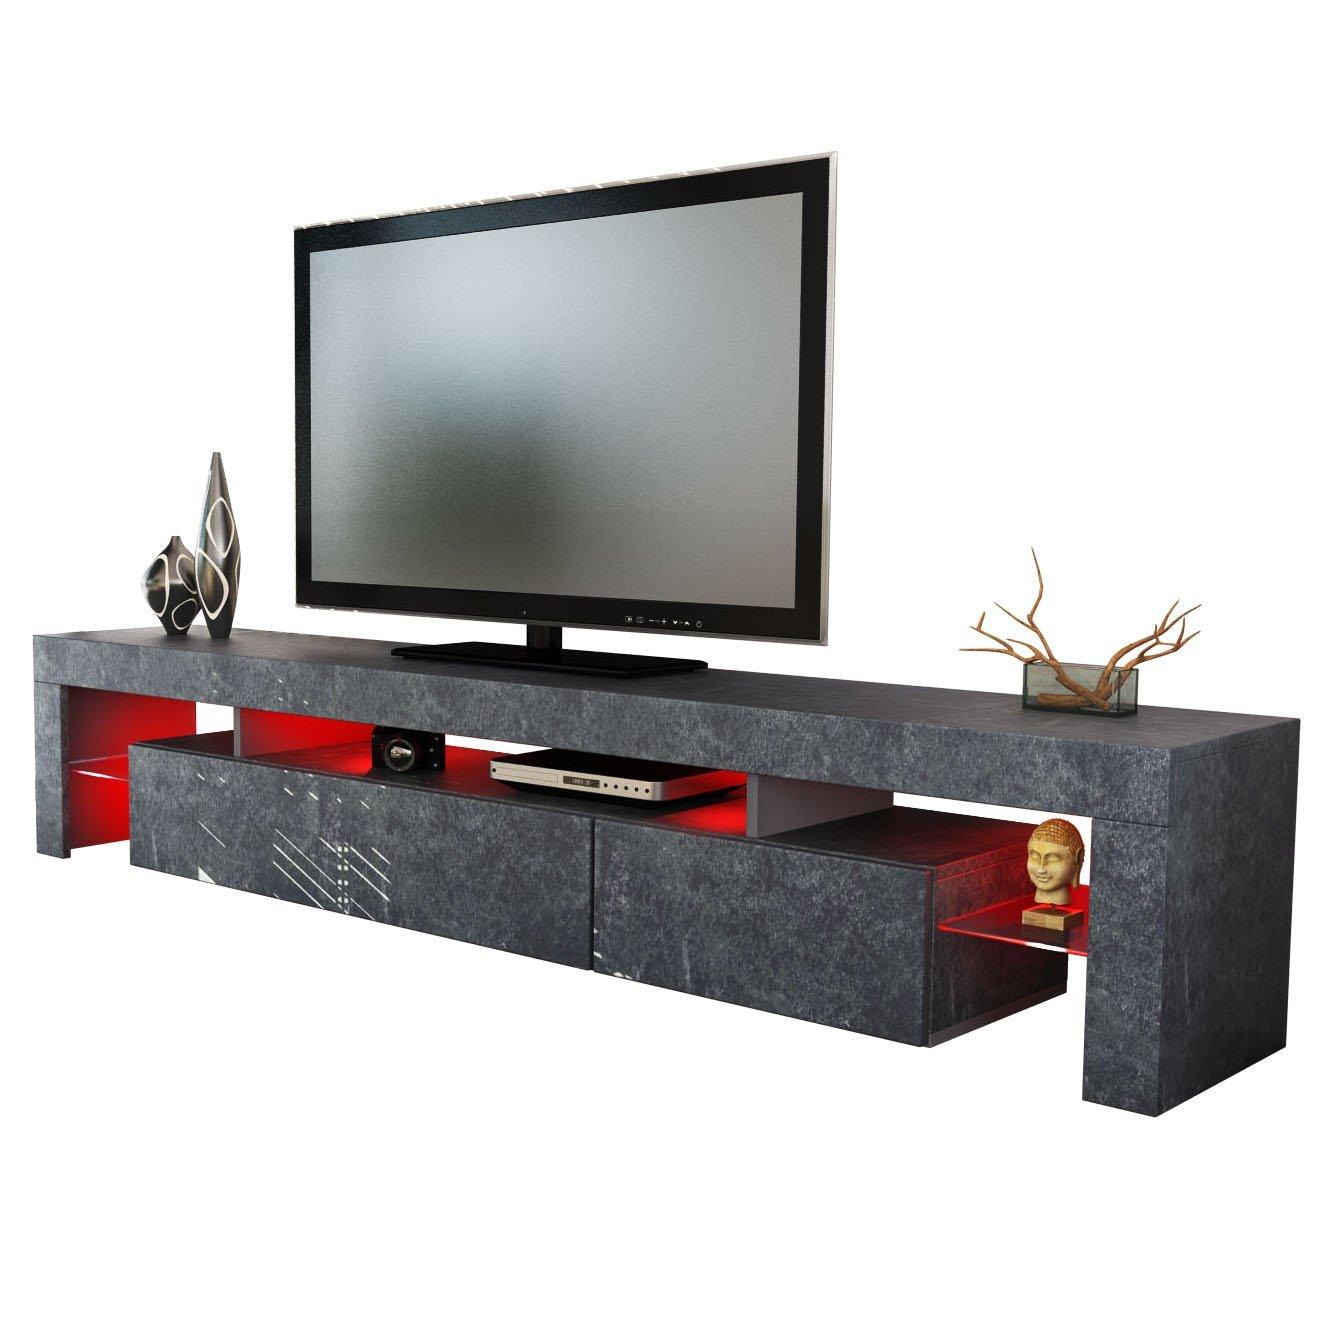 Tv schrank schwarz  ▻ Tv Lowboard Grau + Tv Lowboard Schrank für den Fernseher